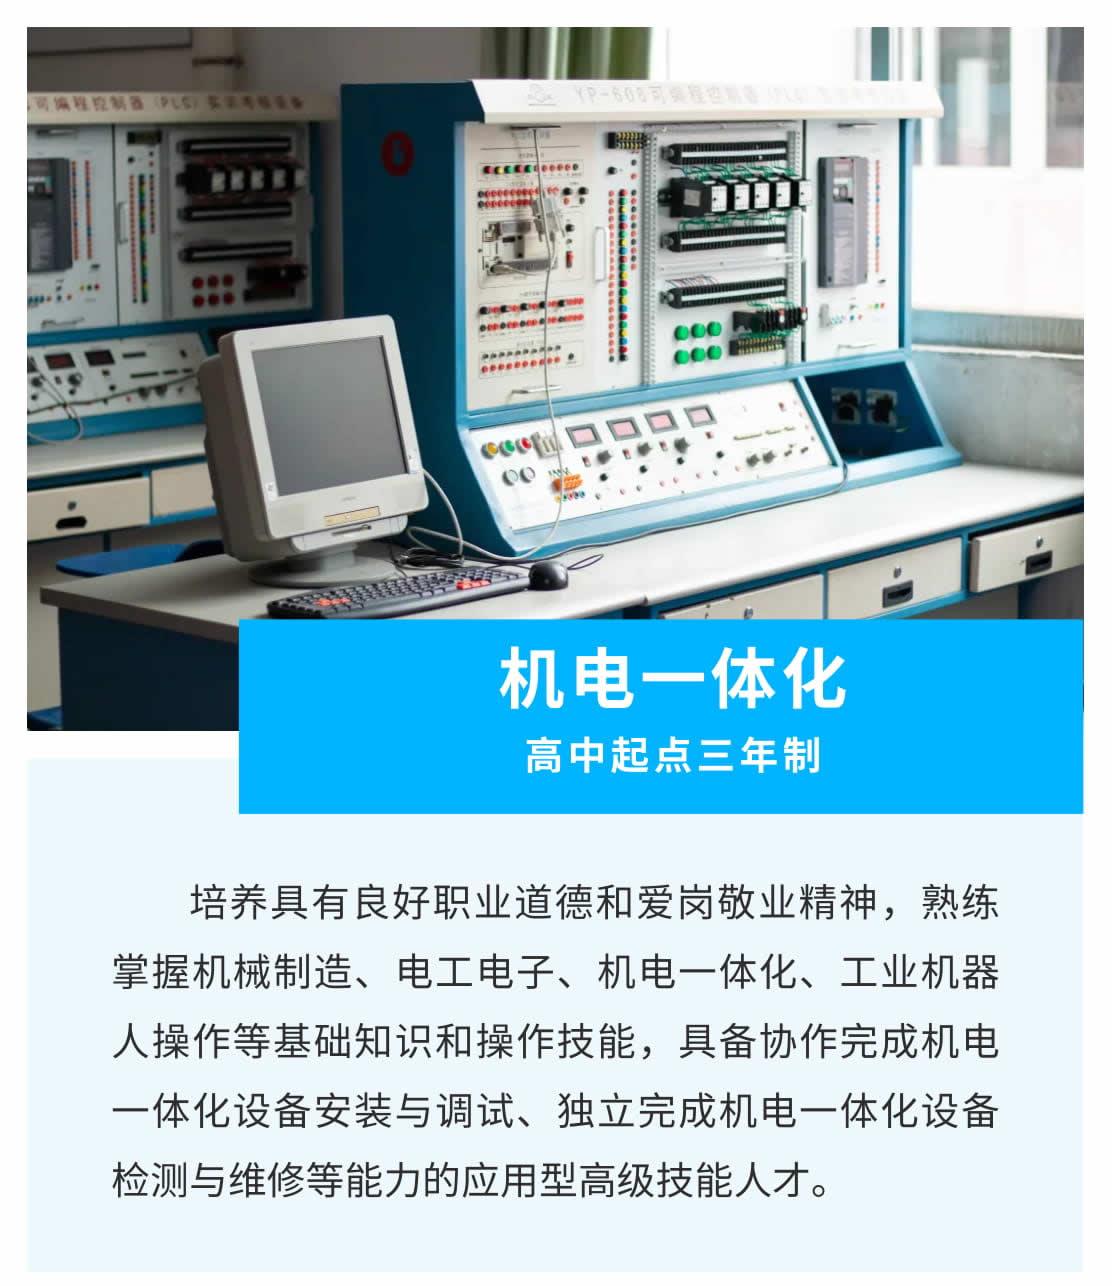 机电一体化(高中起点三年制)-1_r1_c1.jpg